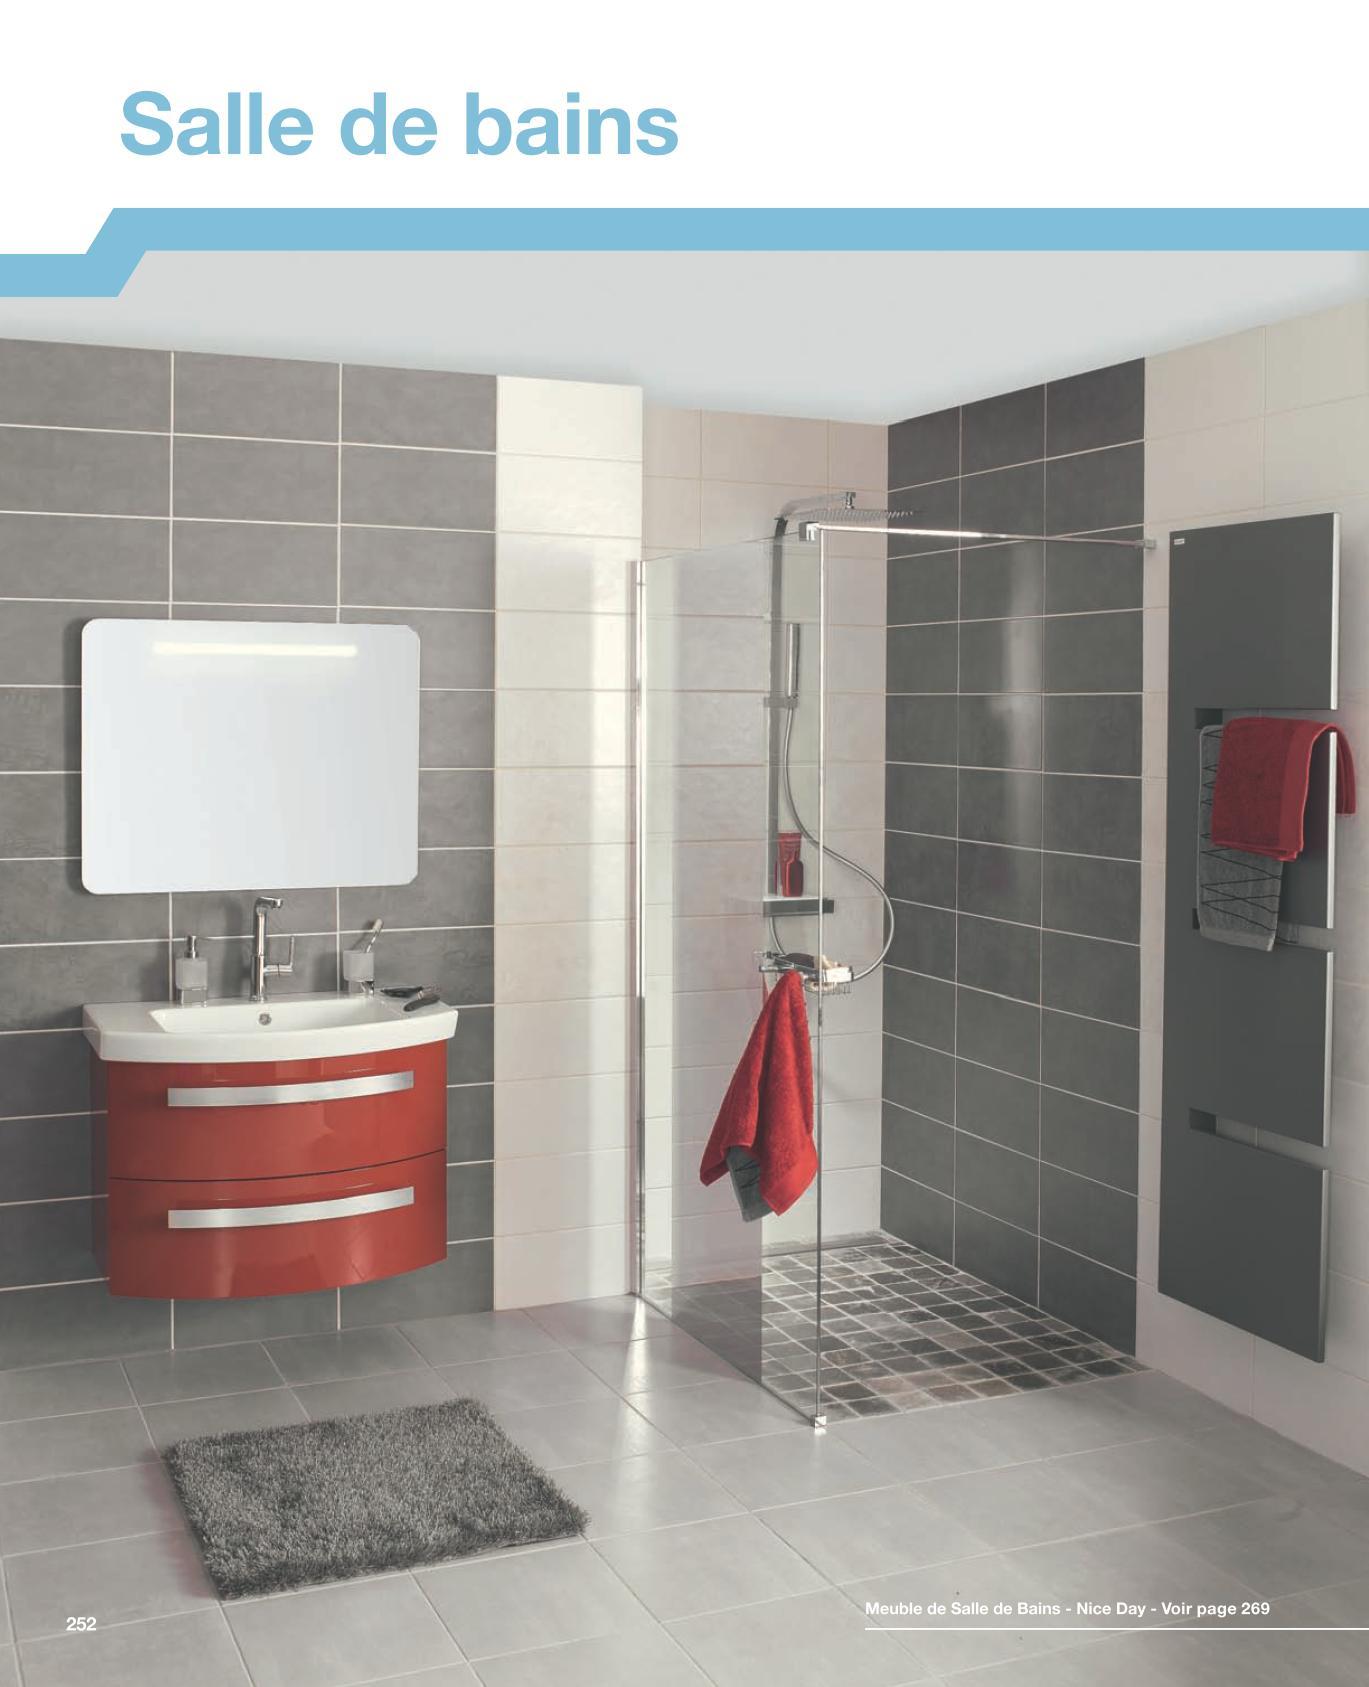 Faience point p salle de bain for Faience salle de bain 2016